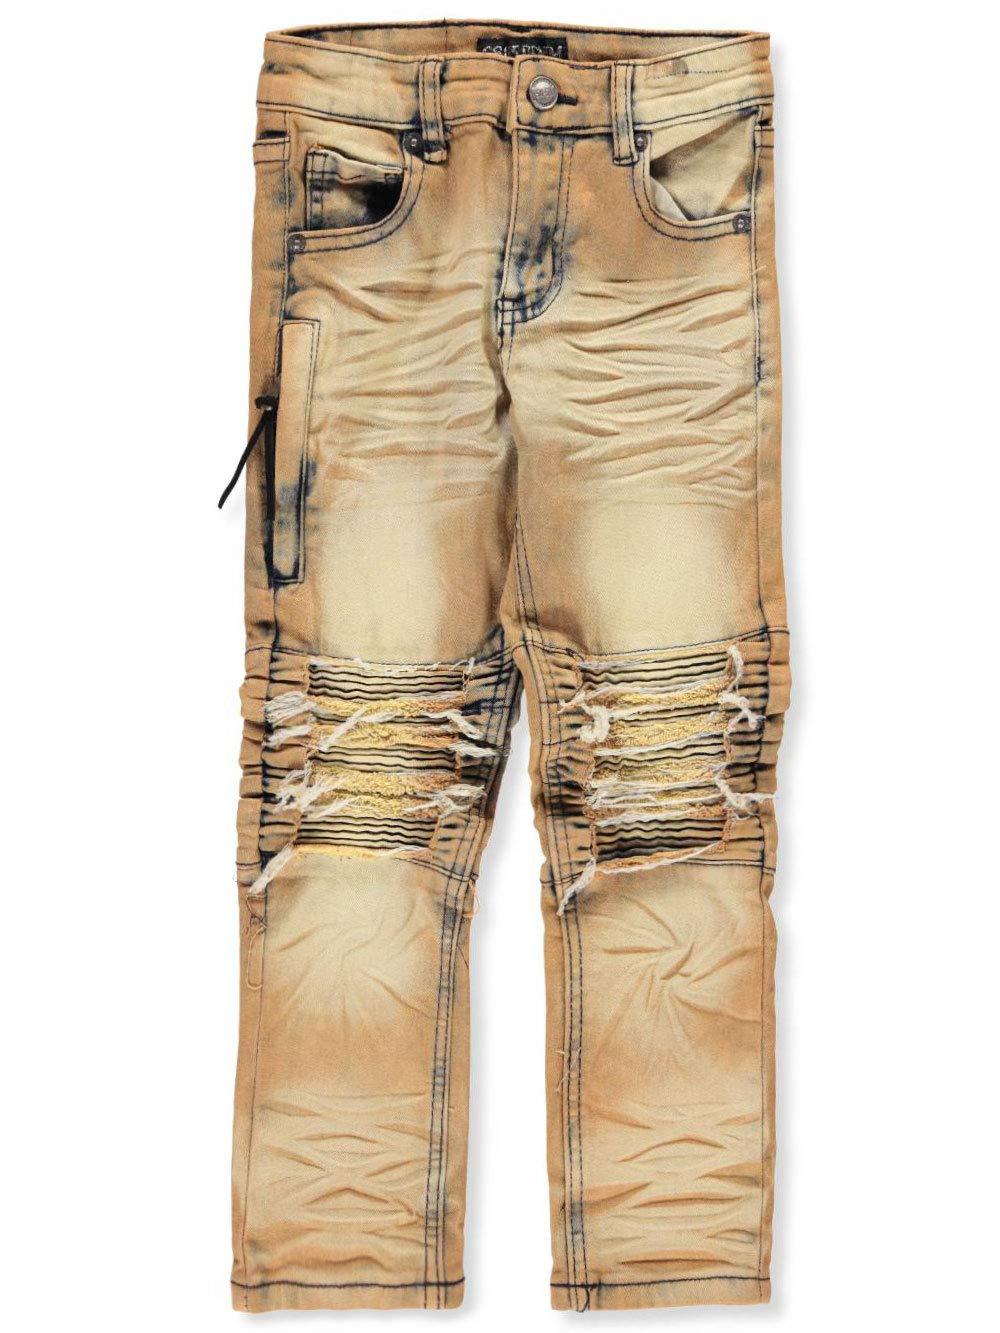 GS-115 Boys' Jeans GS-115 Boys' Jeans